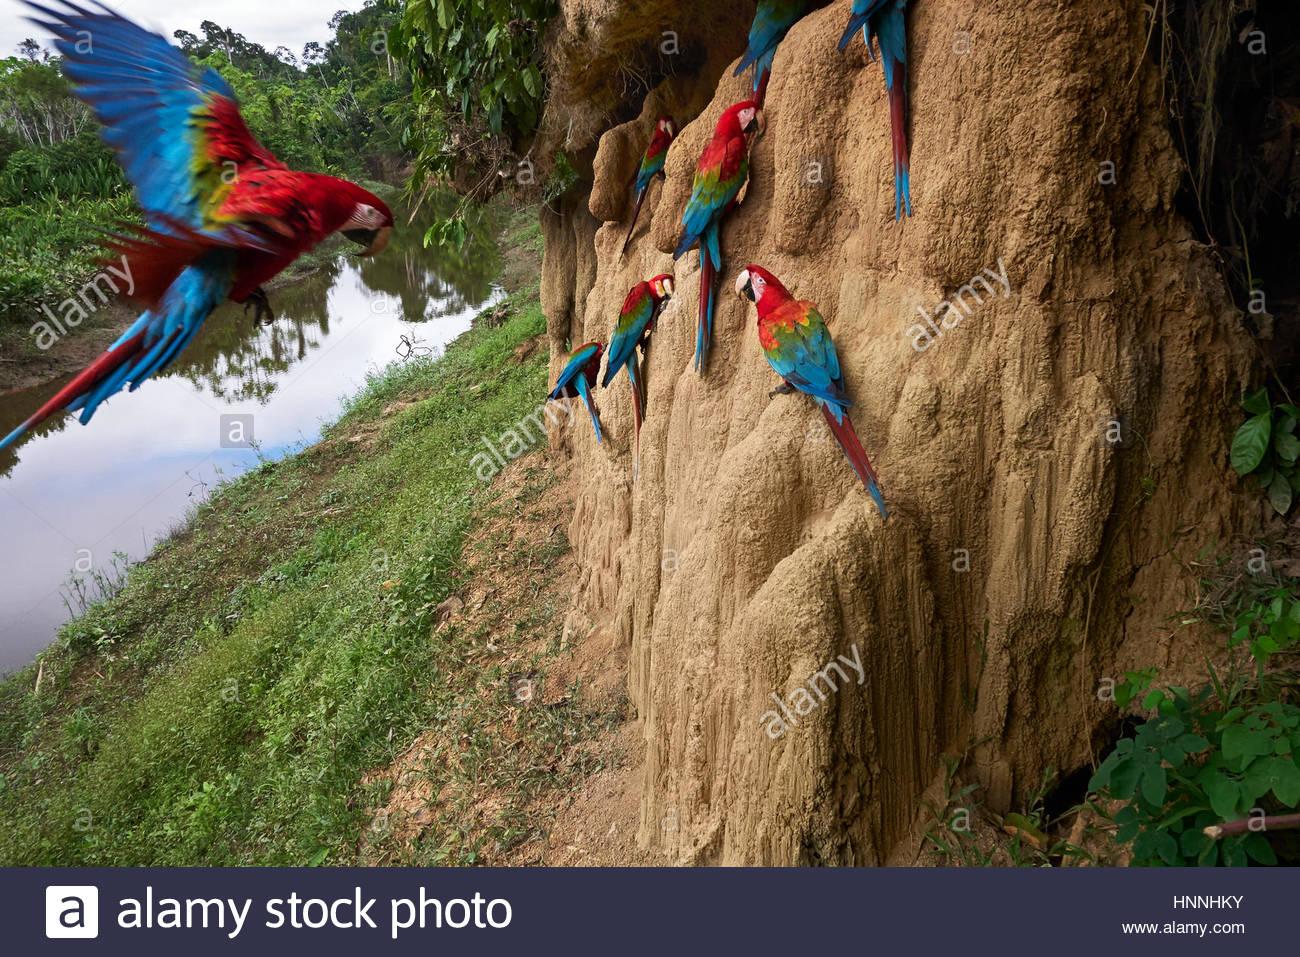 Clay Klippen bilden eine natürliche Leckstein, die rot-grüne Aras anzieht. Stockbild